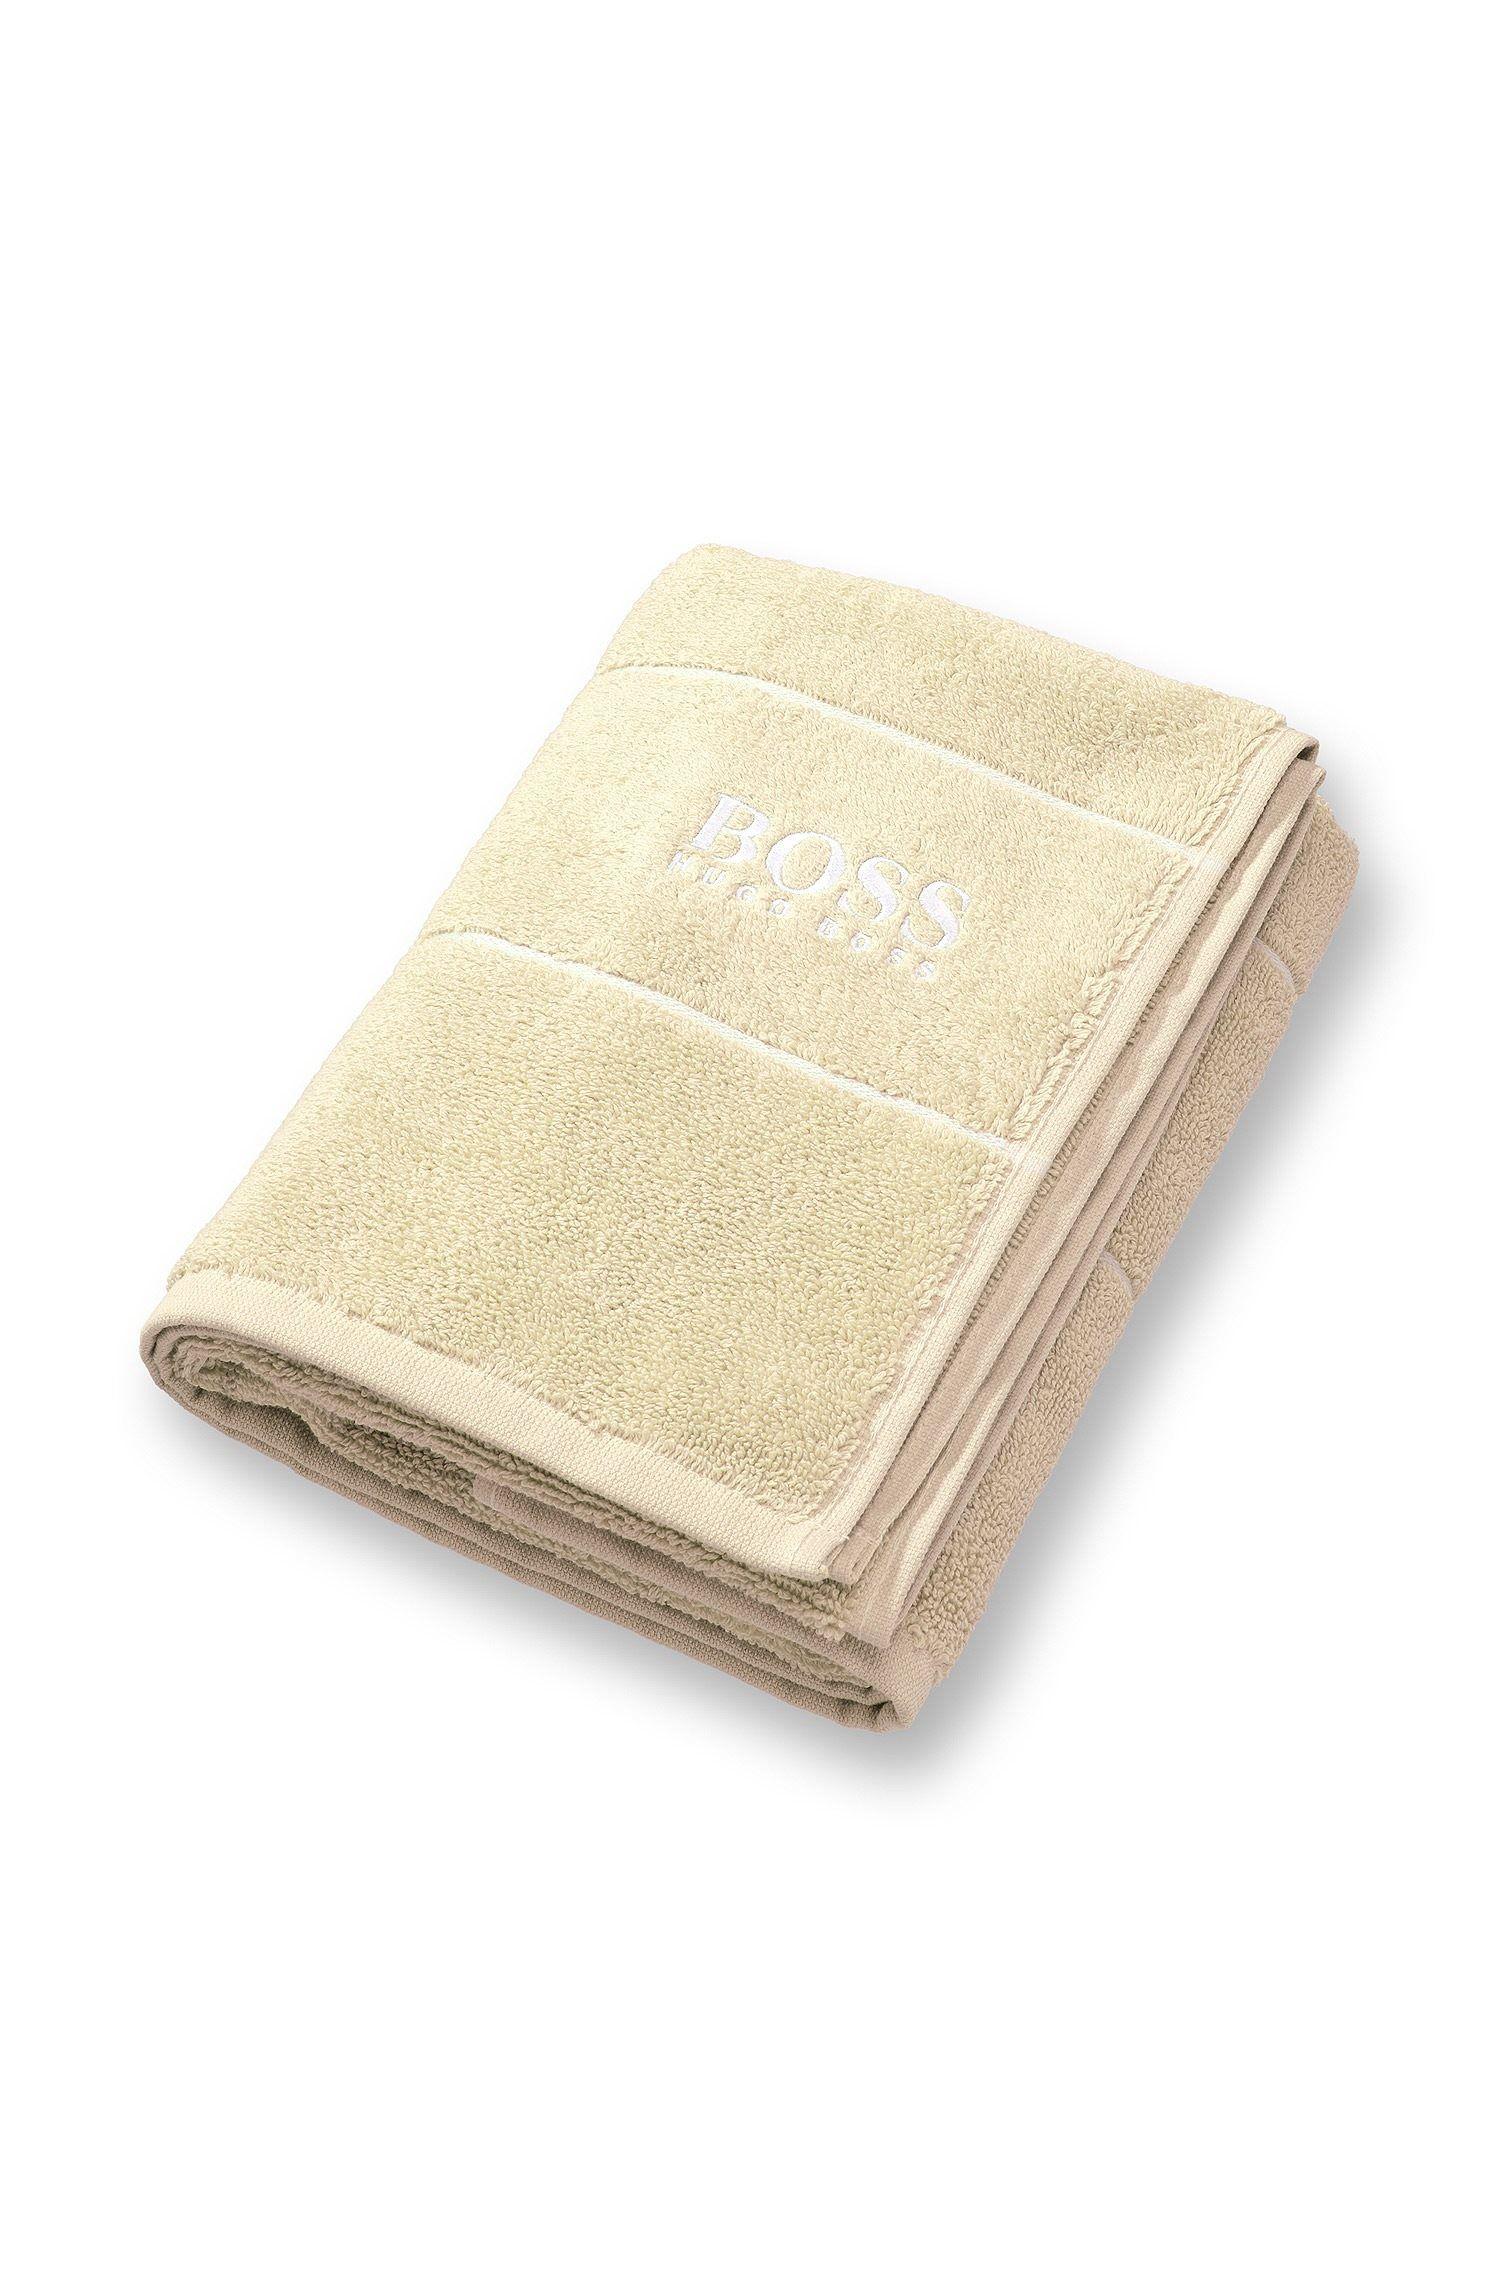 Serviette de toilette «PLAIN Serviette toile» en coton éponge